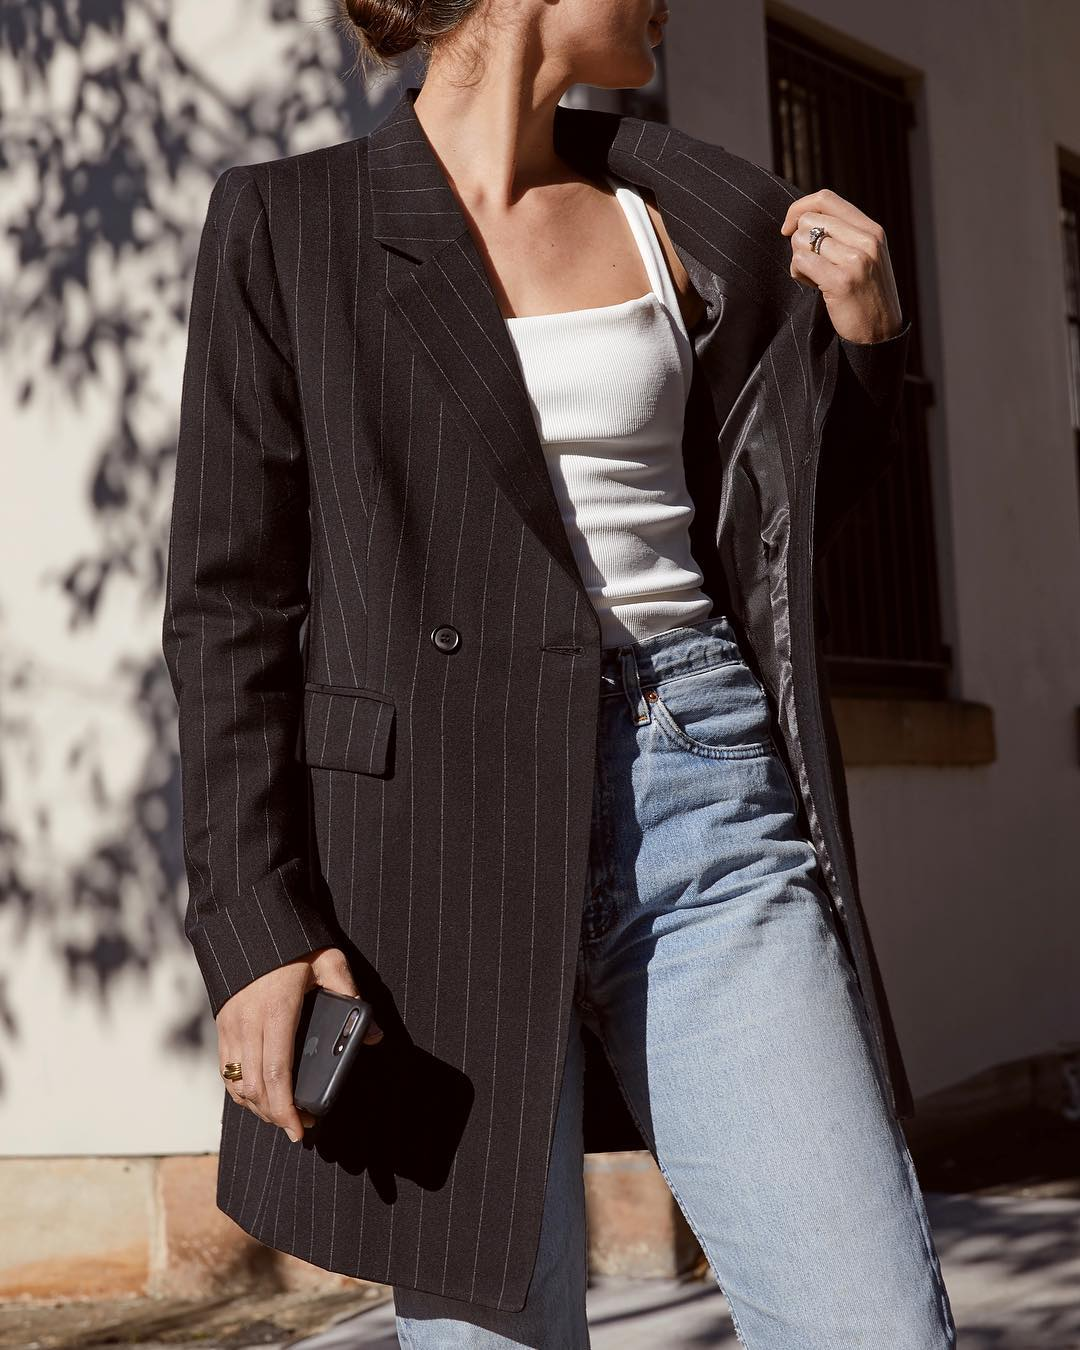 sara crampton mặc áo nữ cổ vuông tank top và áo blazer